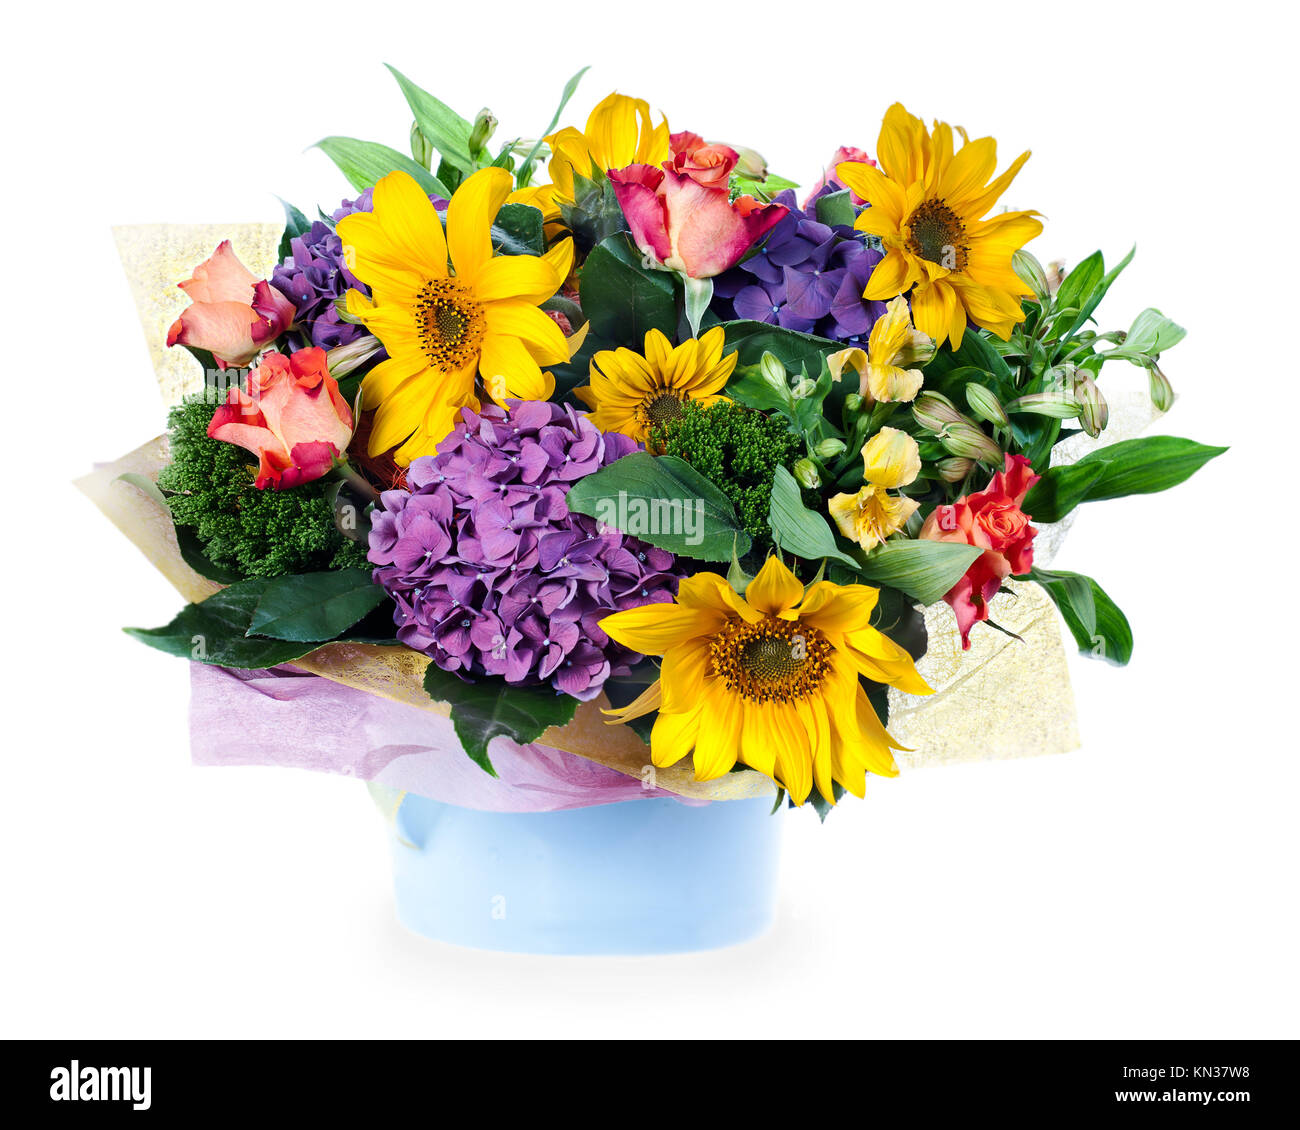 bunte blumen blumenstrau aus rosen lilien sonnenblumen und iris mittelst ck in vase auf. Black Bedroom Furniture Sets. Home Design Ideas